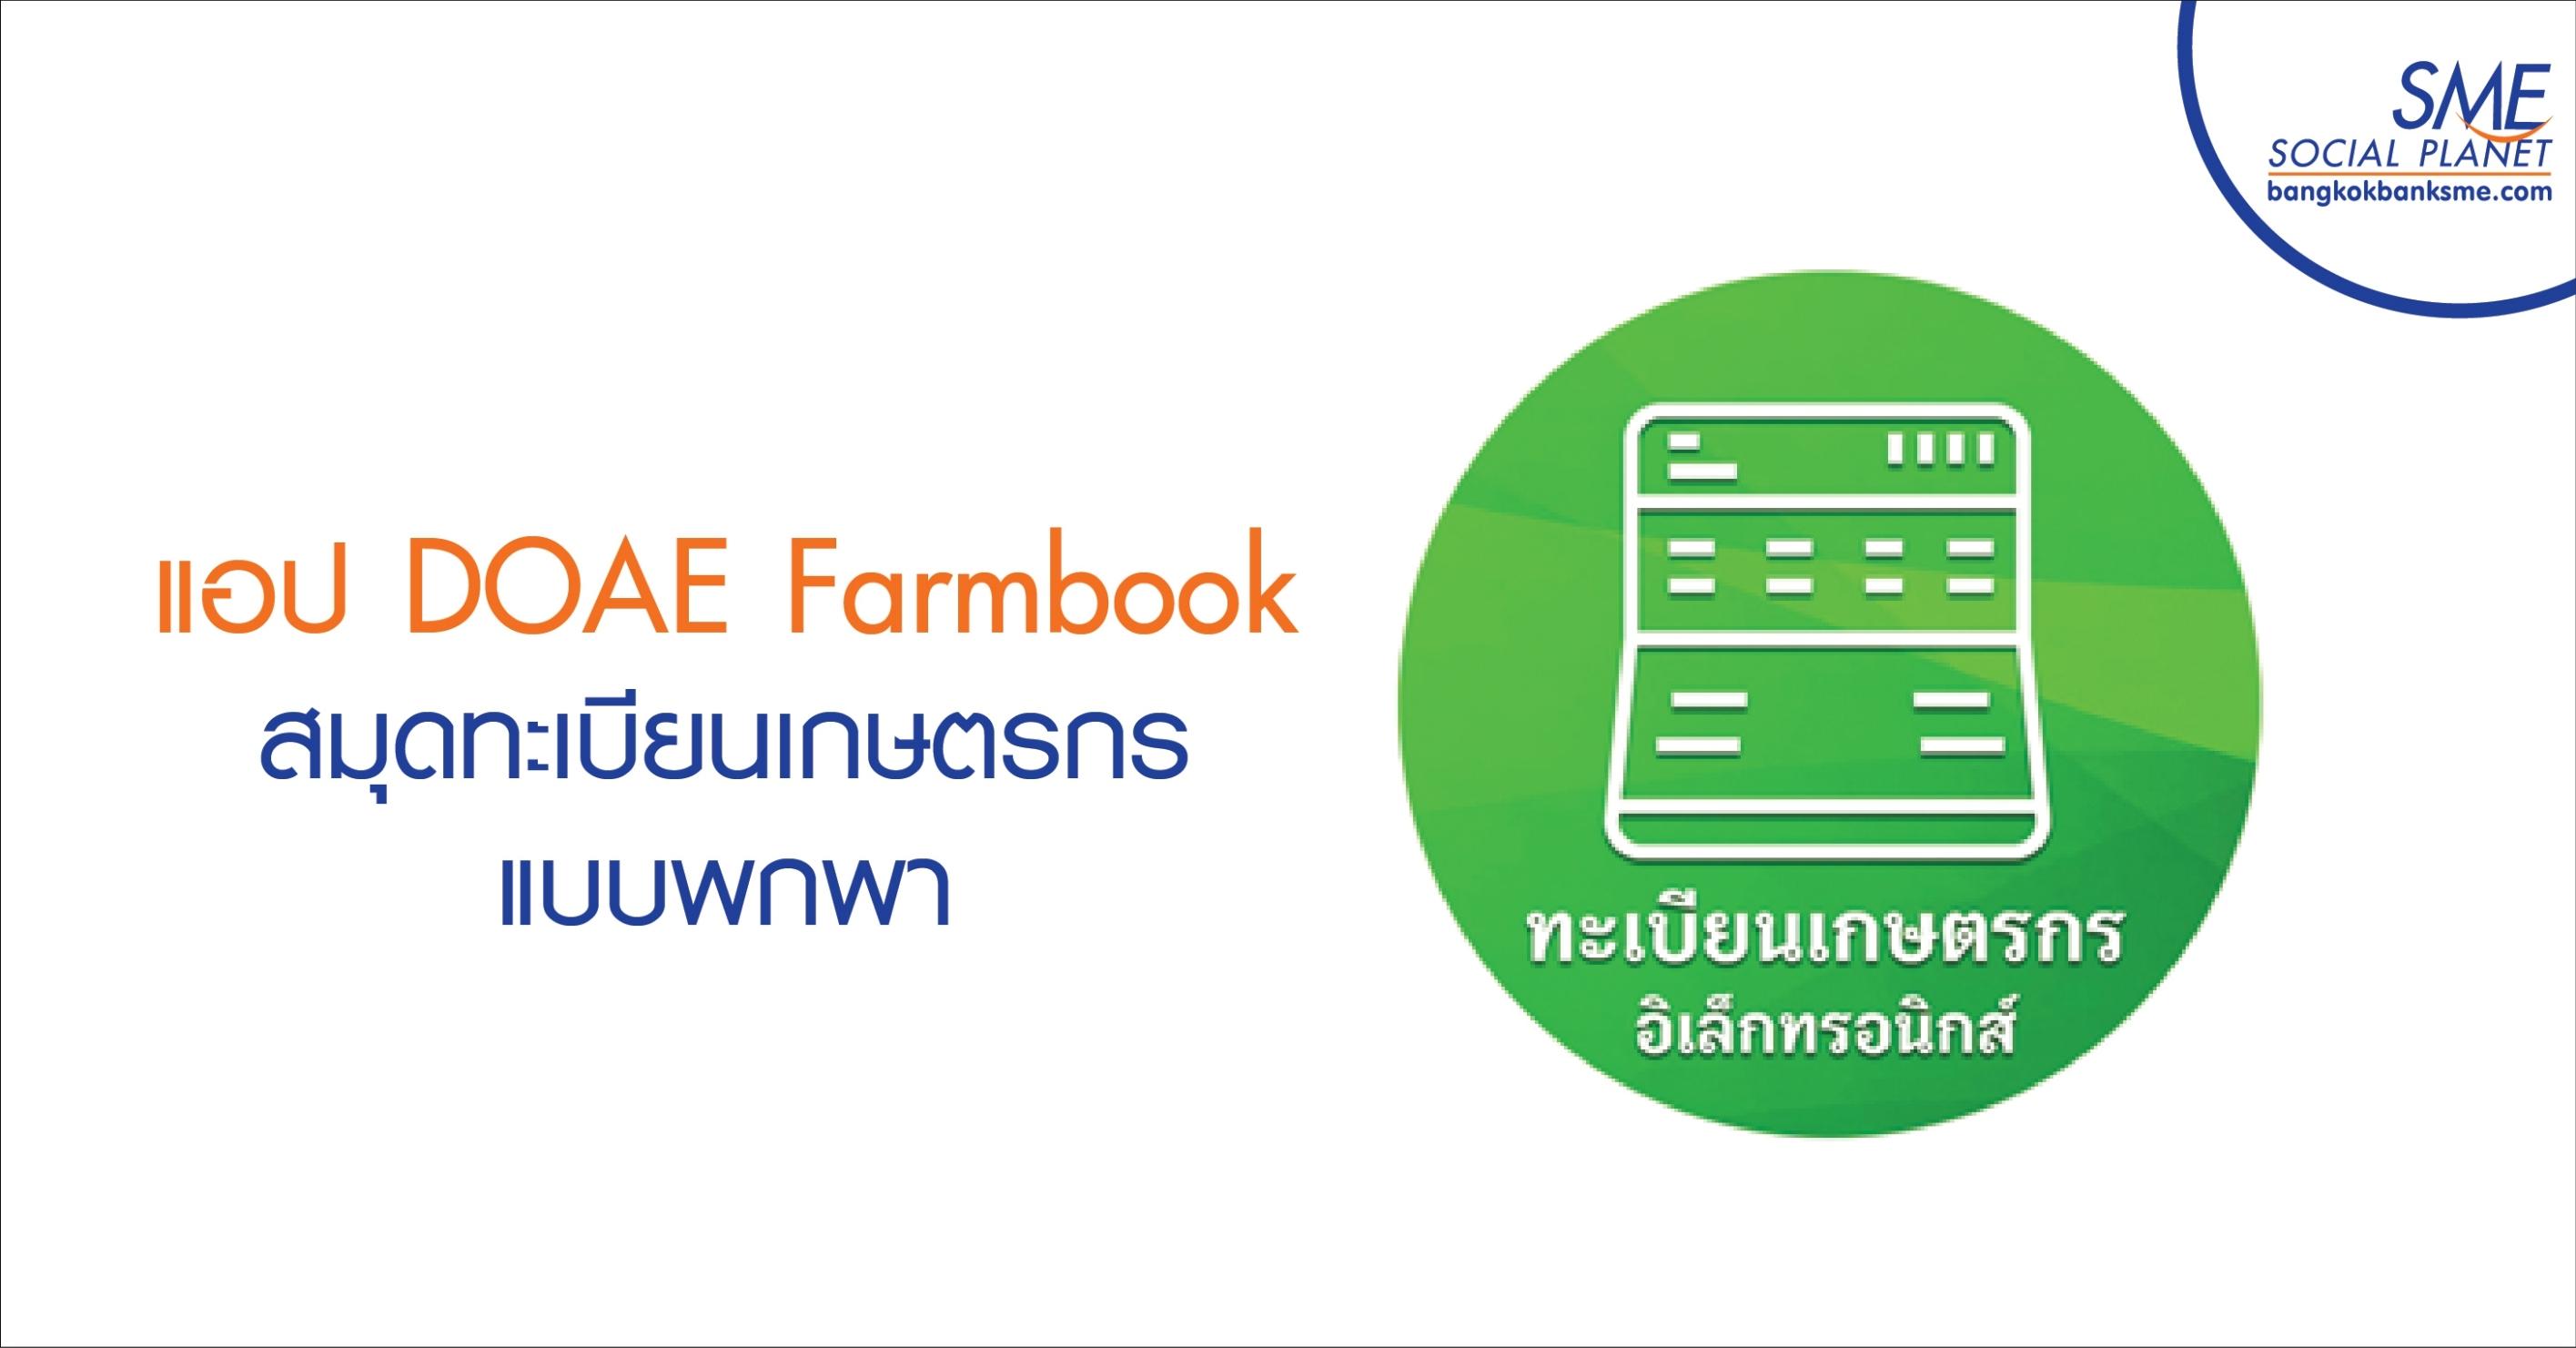 แอป DOAE Farmbook สมุดทะเบียนเกษตรกรแบบพกพา